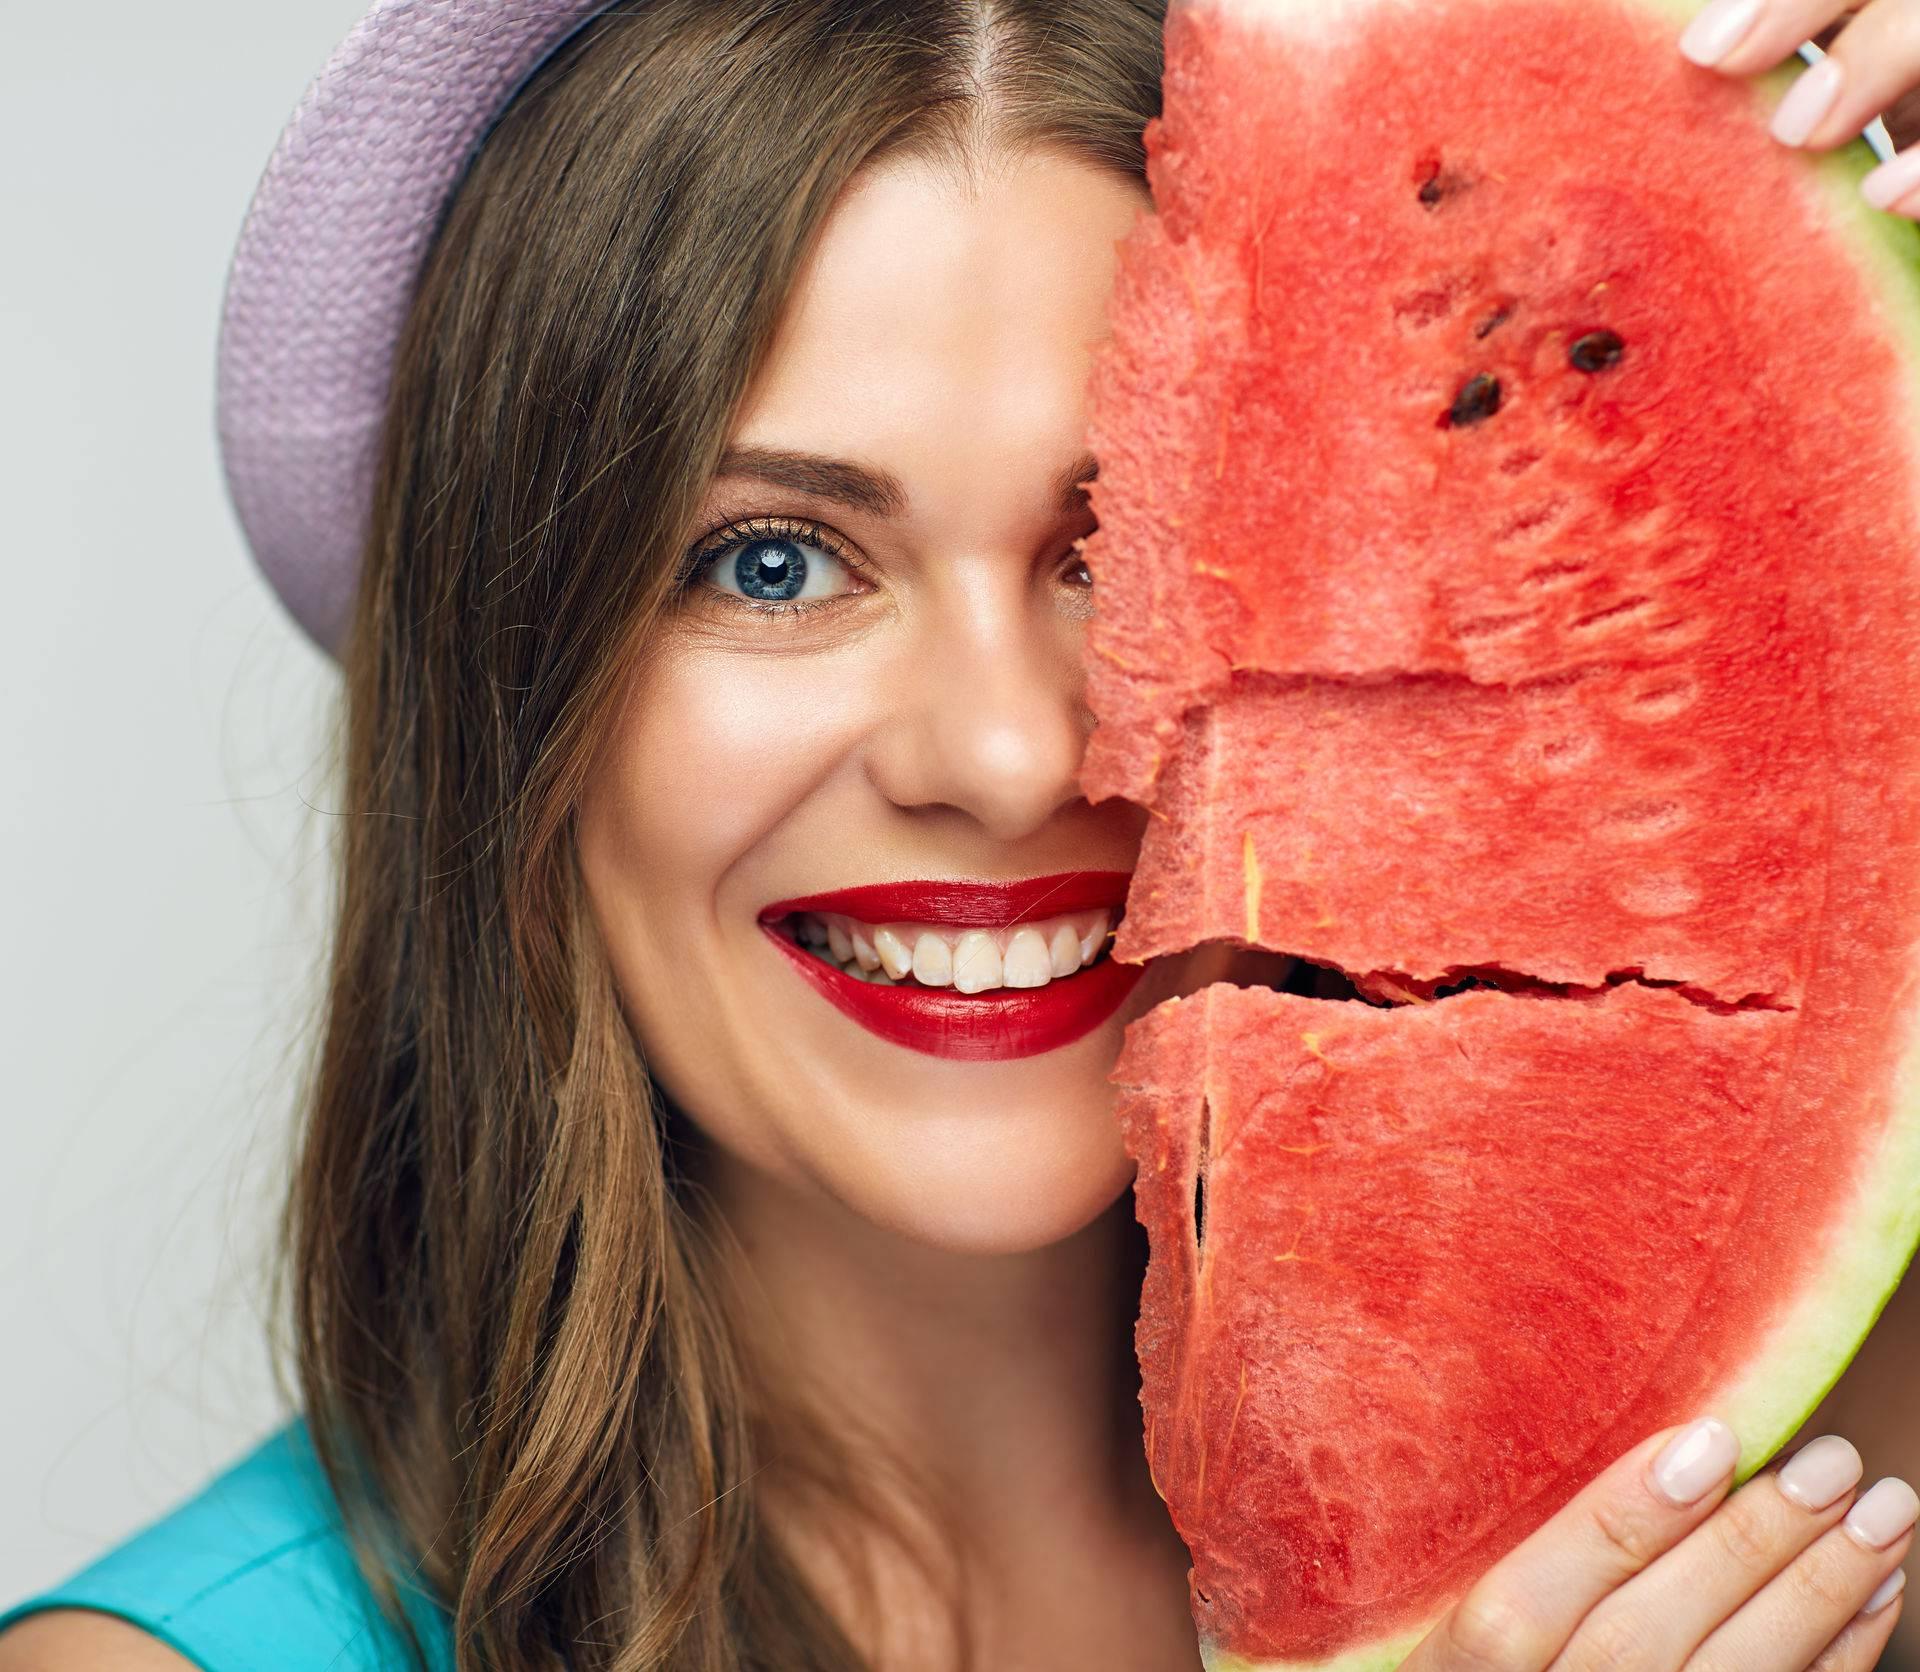 Lubenica u službi ljepote: Kora će vratiti sjaj i hidratizirati kožu